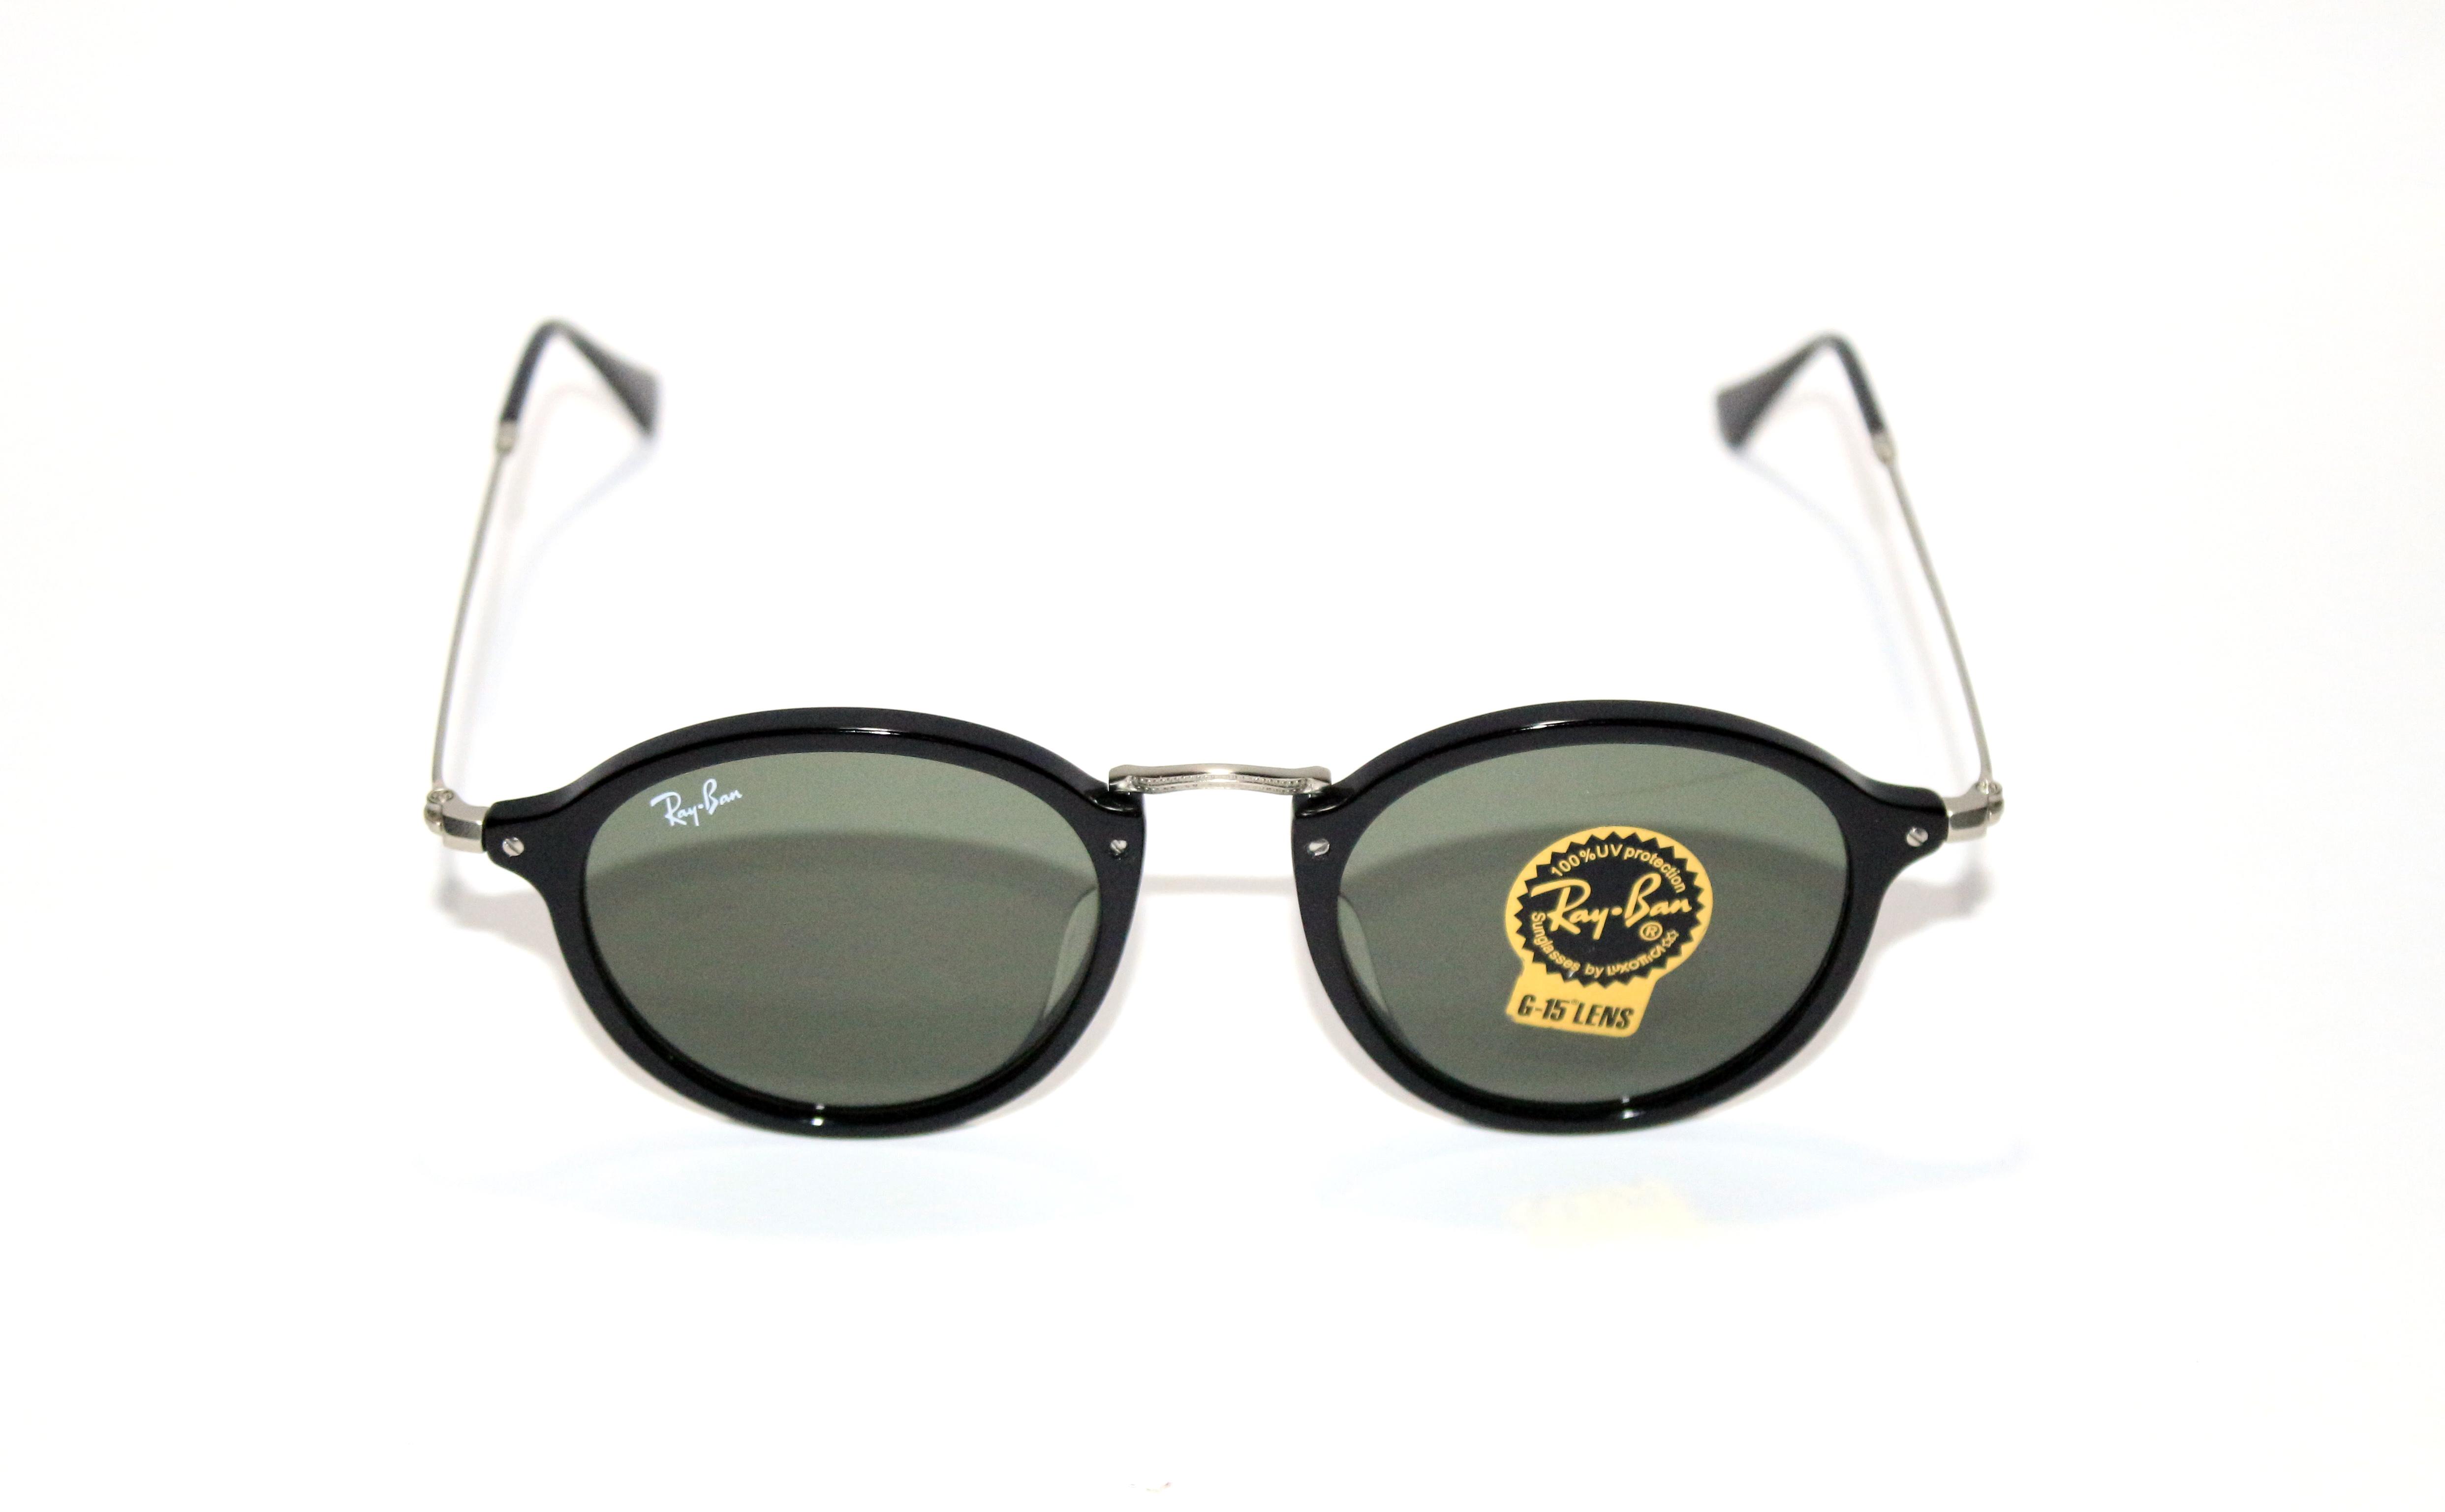 Продаютьсяоригінальні окуляри Рей Бен ціна знижена!